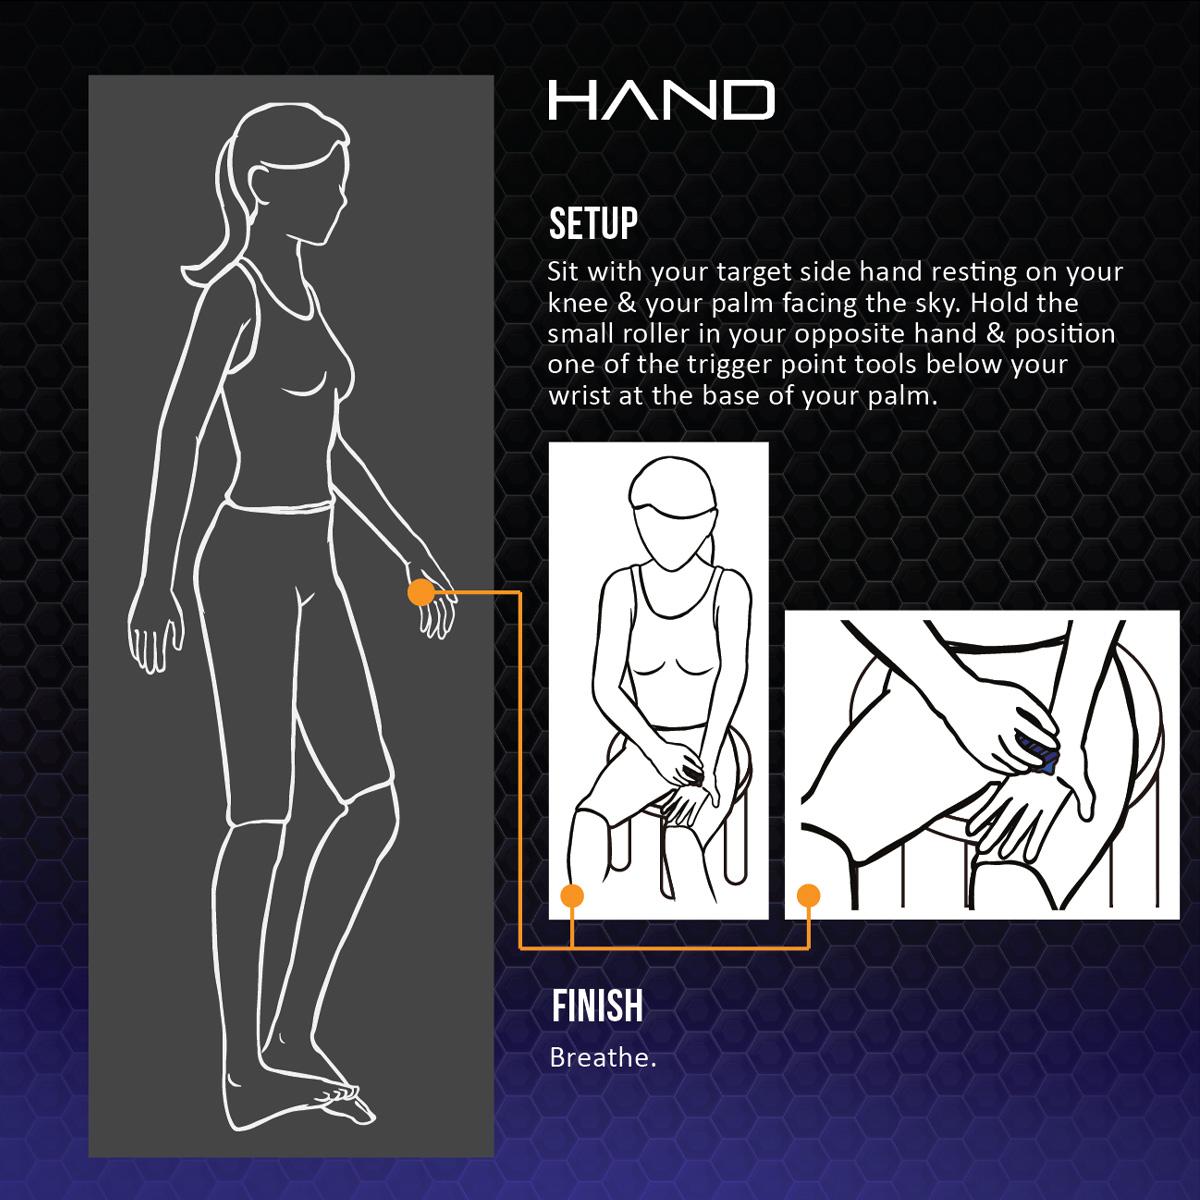 wave5 hands